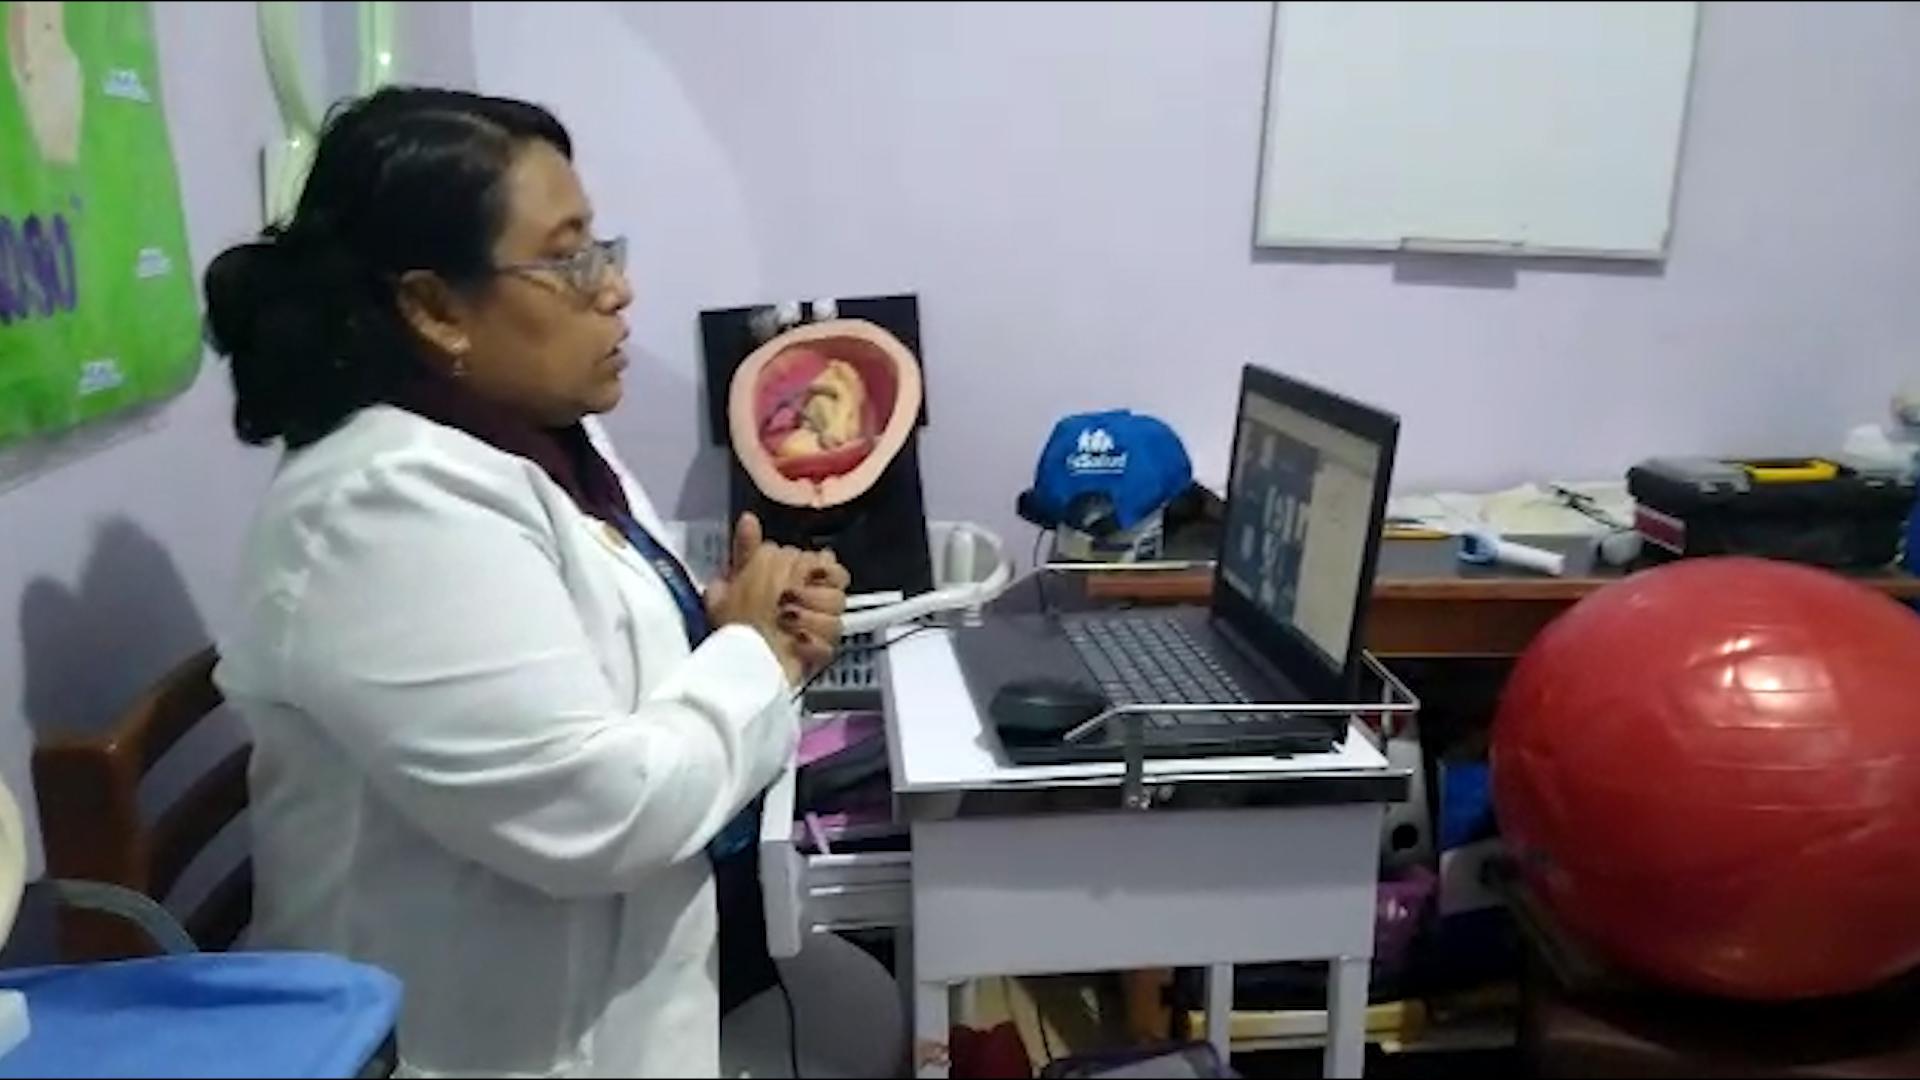 Essalud - EsSalud Huaycán realizo 600 atenciones y consejería a mujeres en edad fértil y gestantes desde el inicio de la pandemia